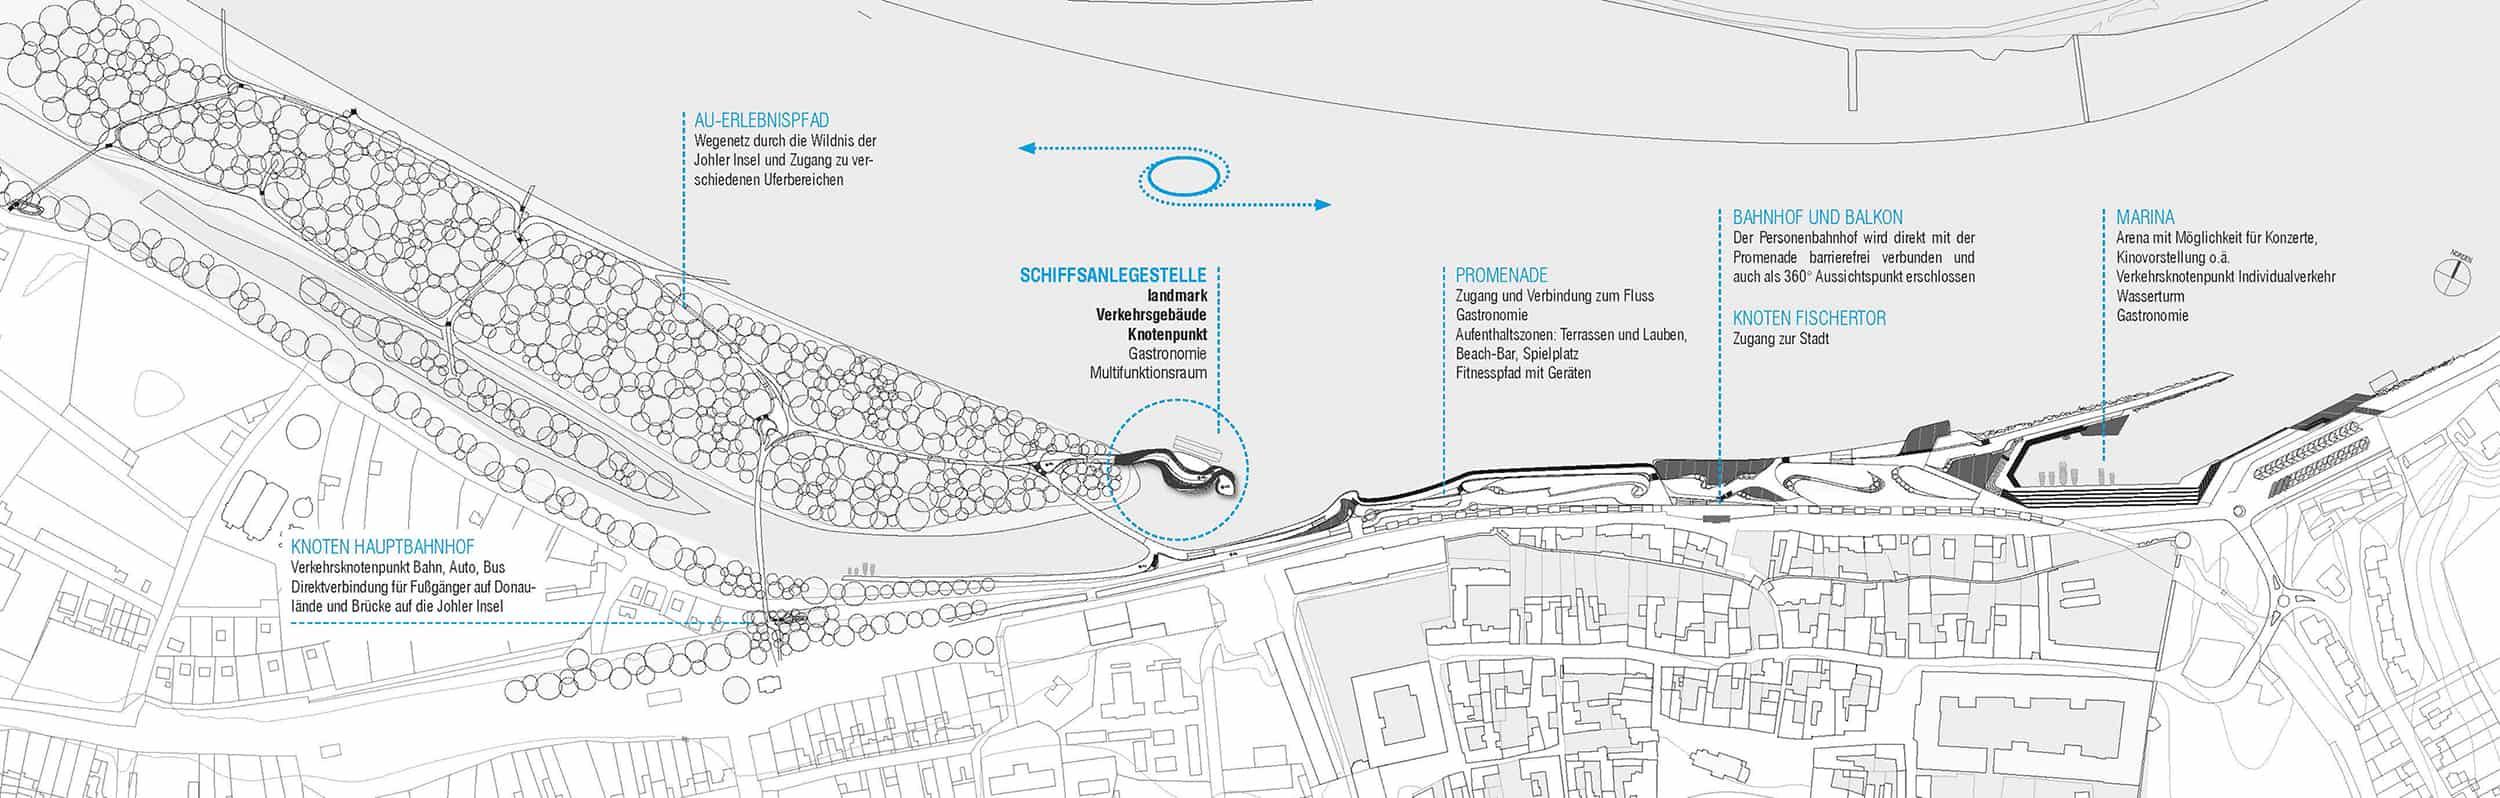 Übersicht Uferneugestaltung